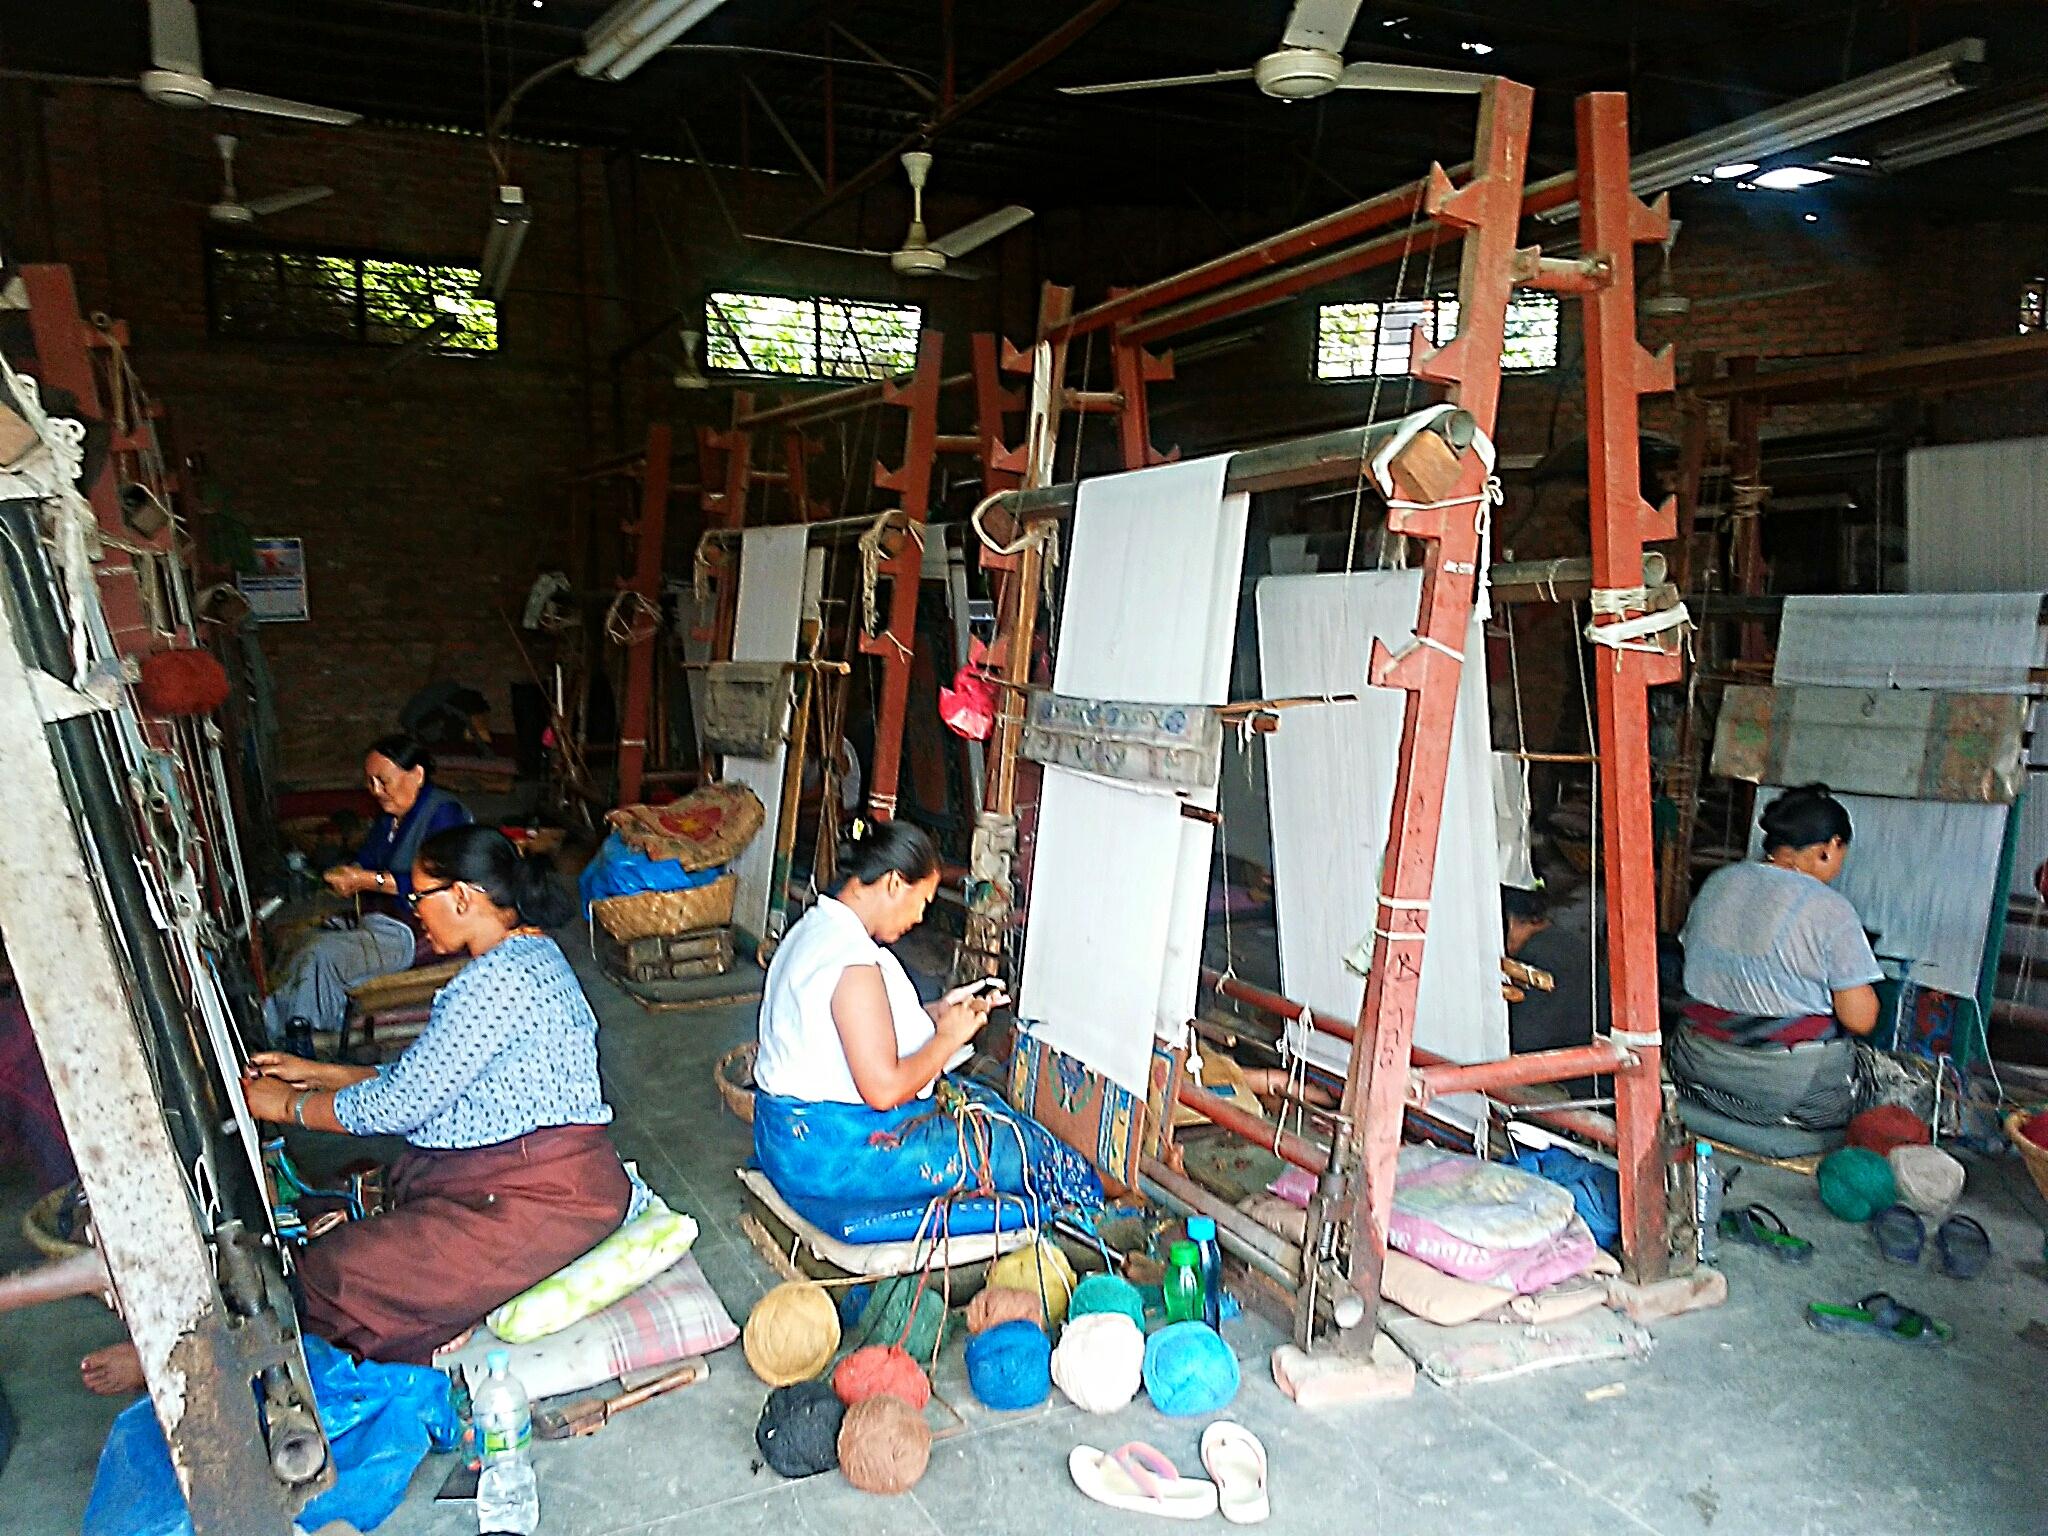 ネパールのチベット絨毯製作工房を訪ね、難民の『今』を知る